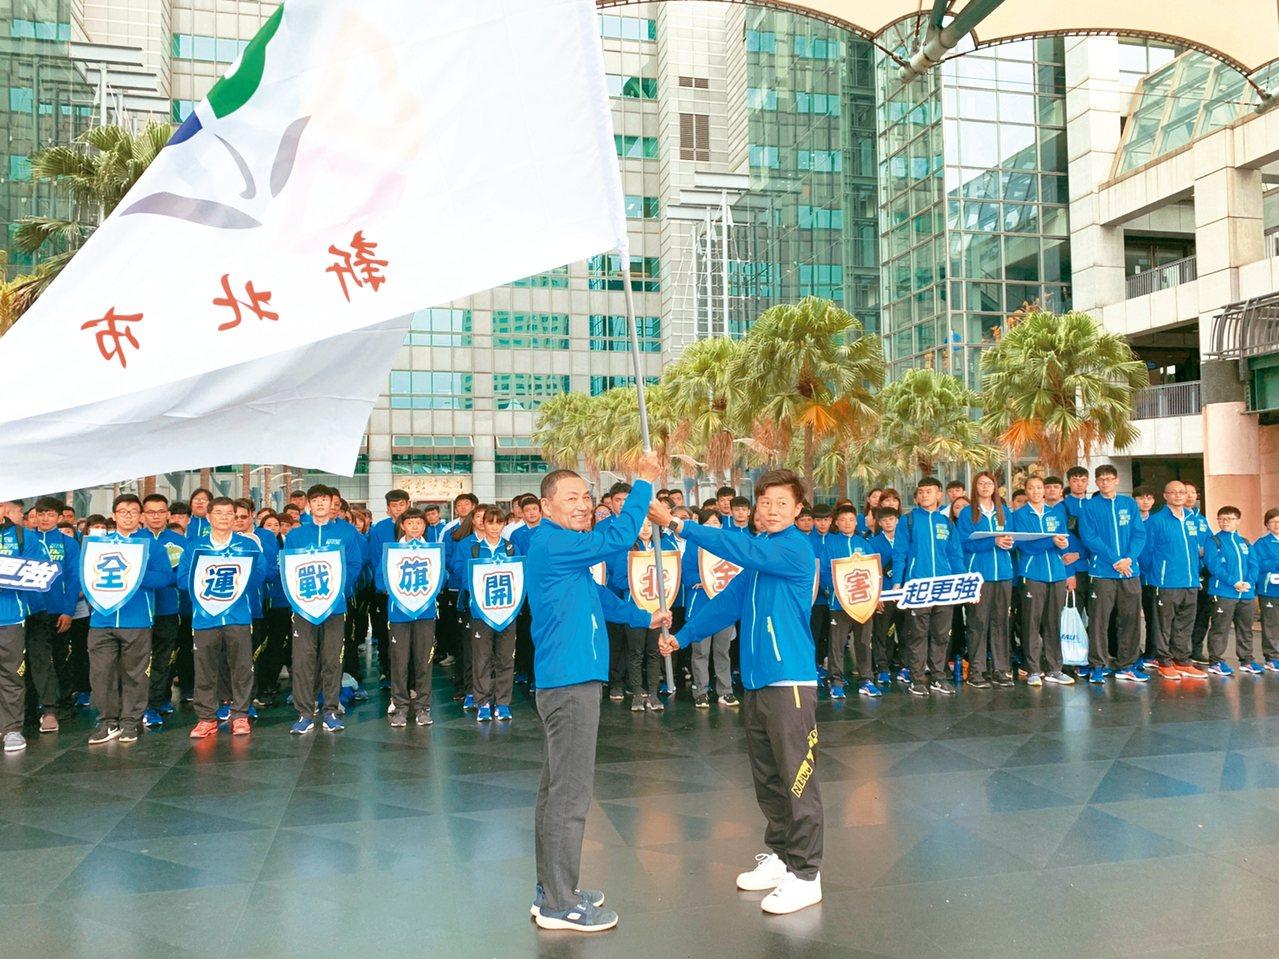 新北市長侯友宜(前左)昨為全運會選手打氣,授旗給進軍東奧的射箭選手雷千瑩(右)。...